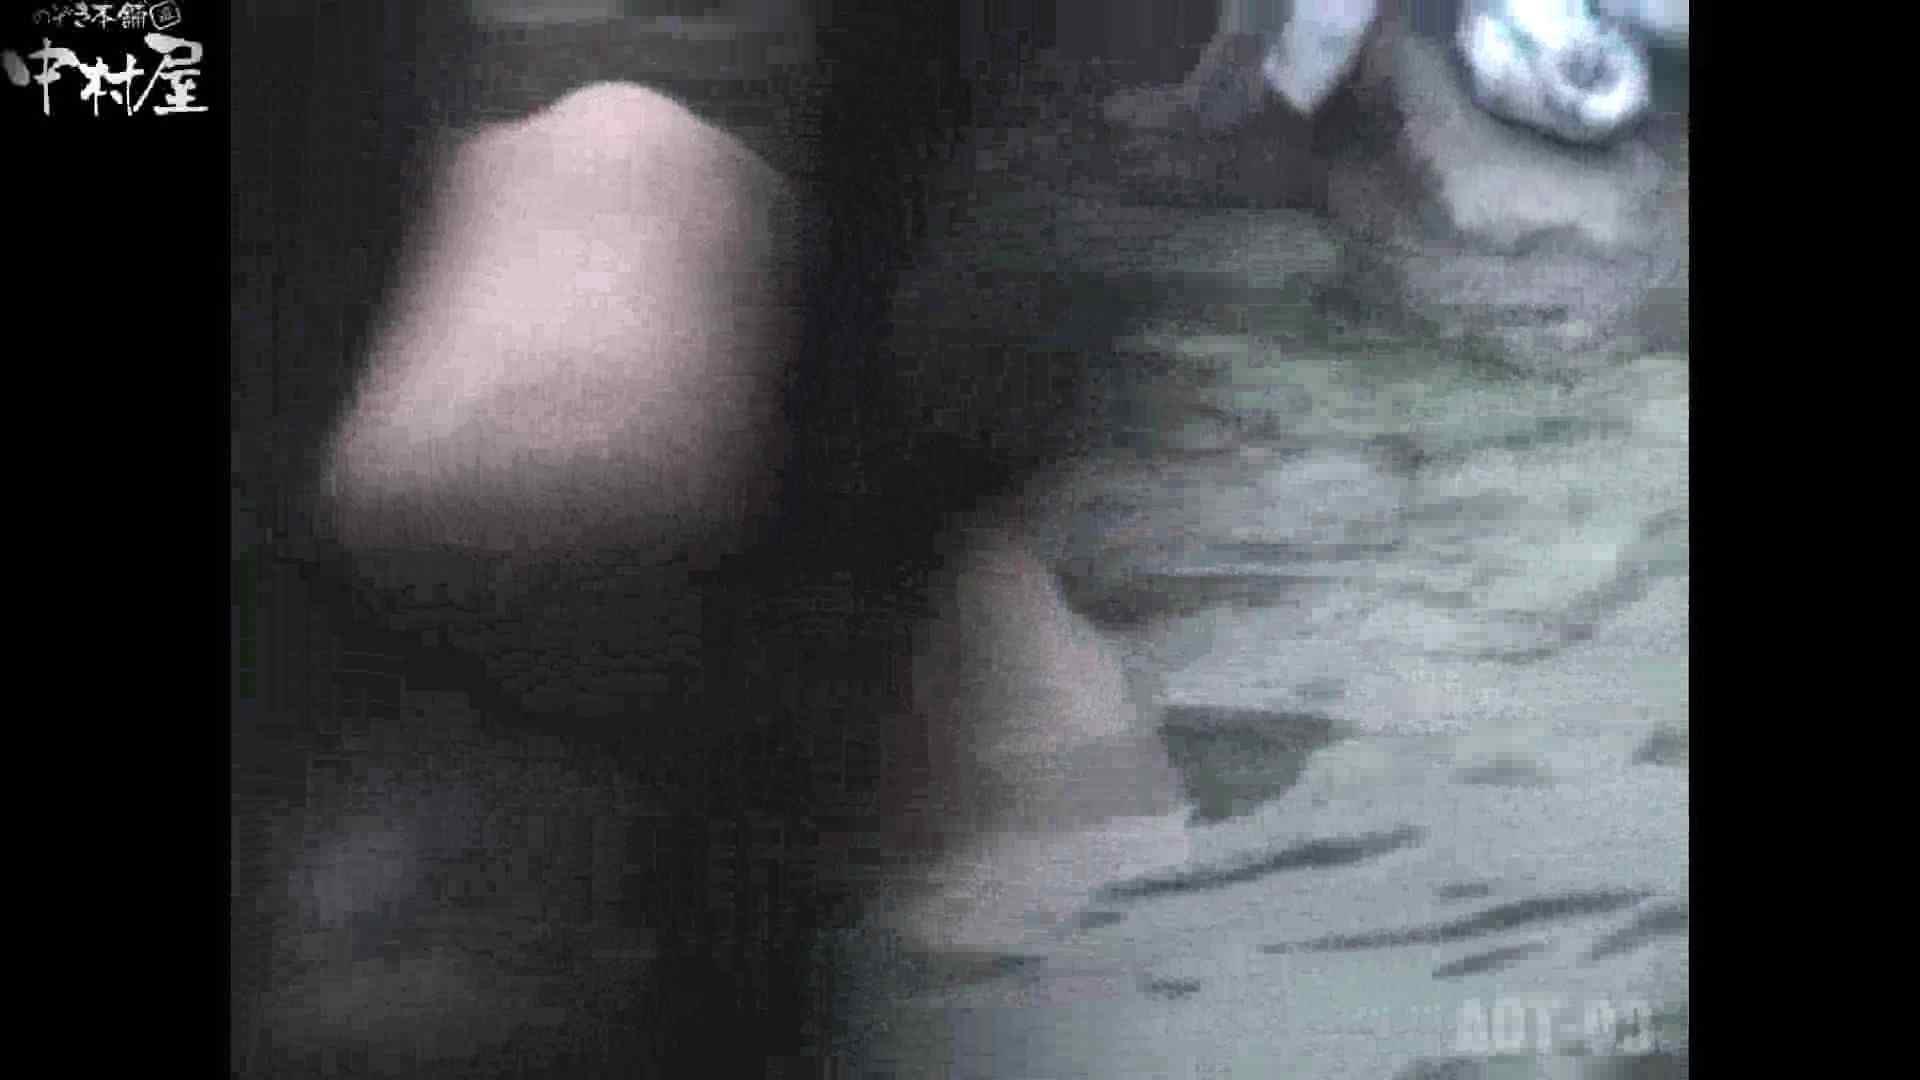 Aquaな露天風呂Vol.867潜入盗撮露天風呂参判湯 其の八 盗撮  103連発 68